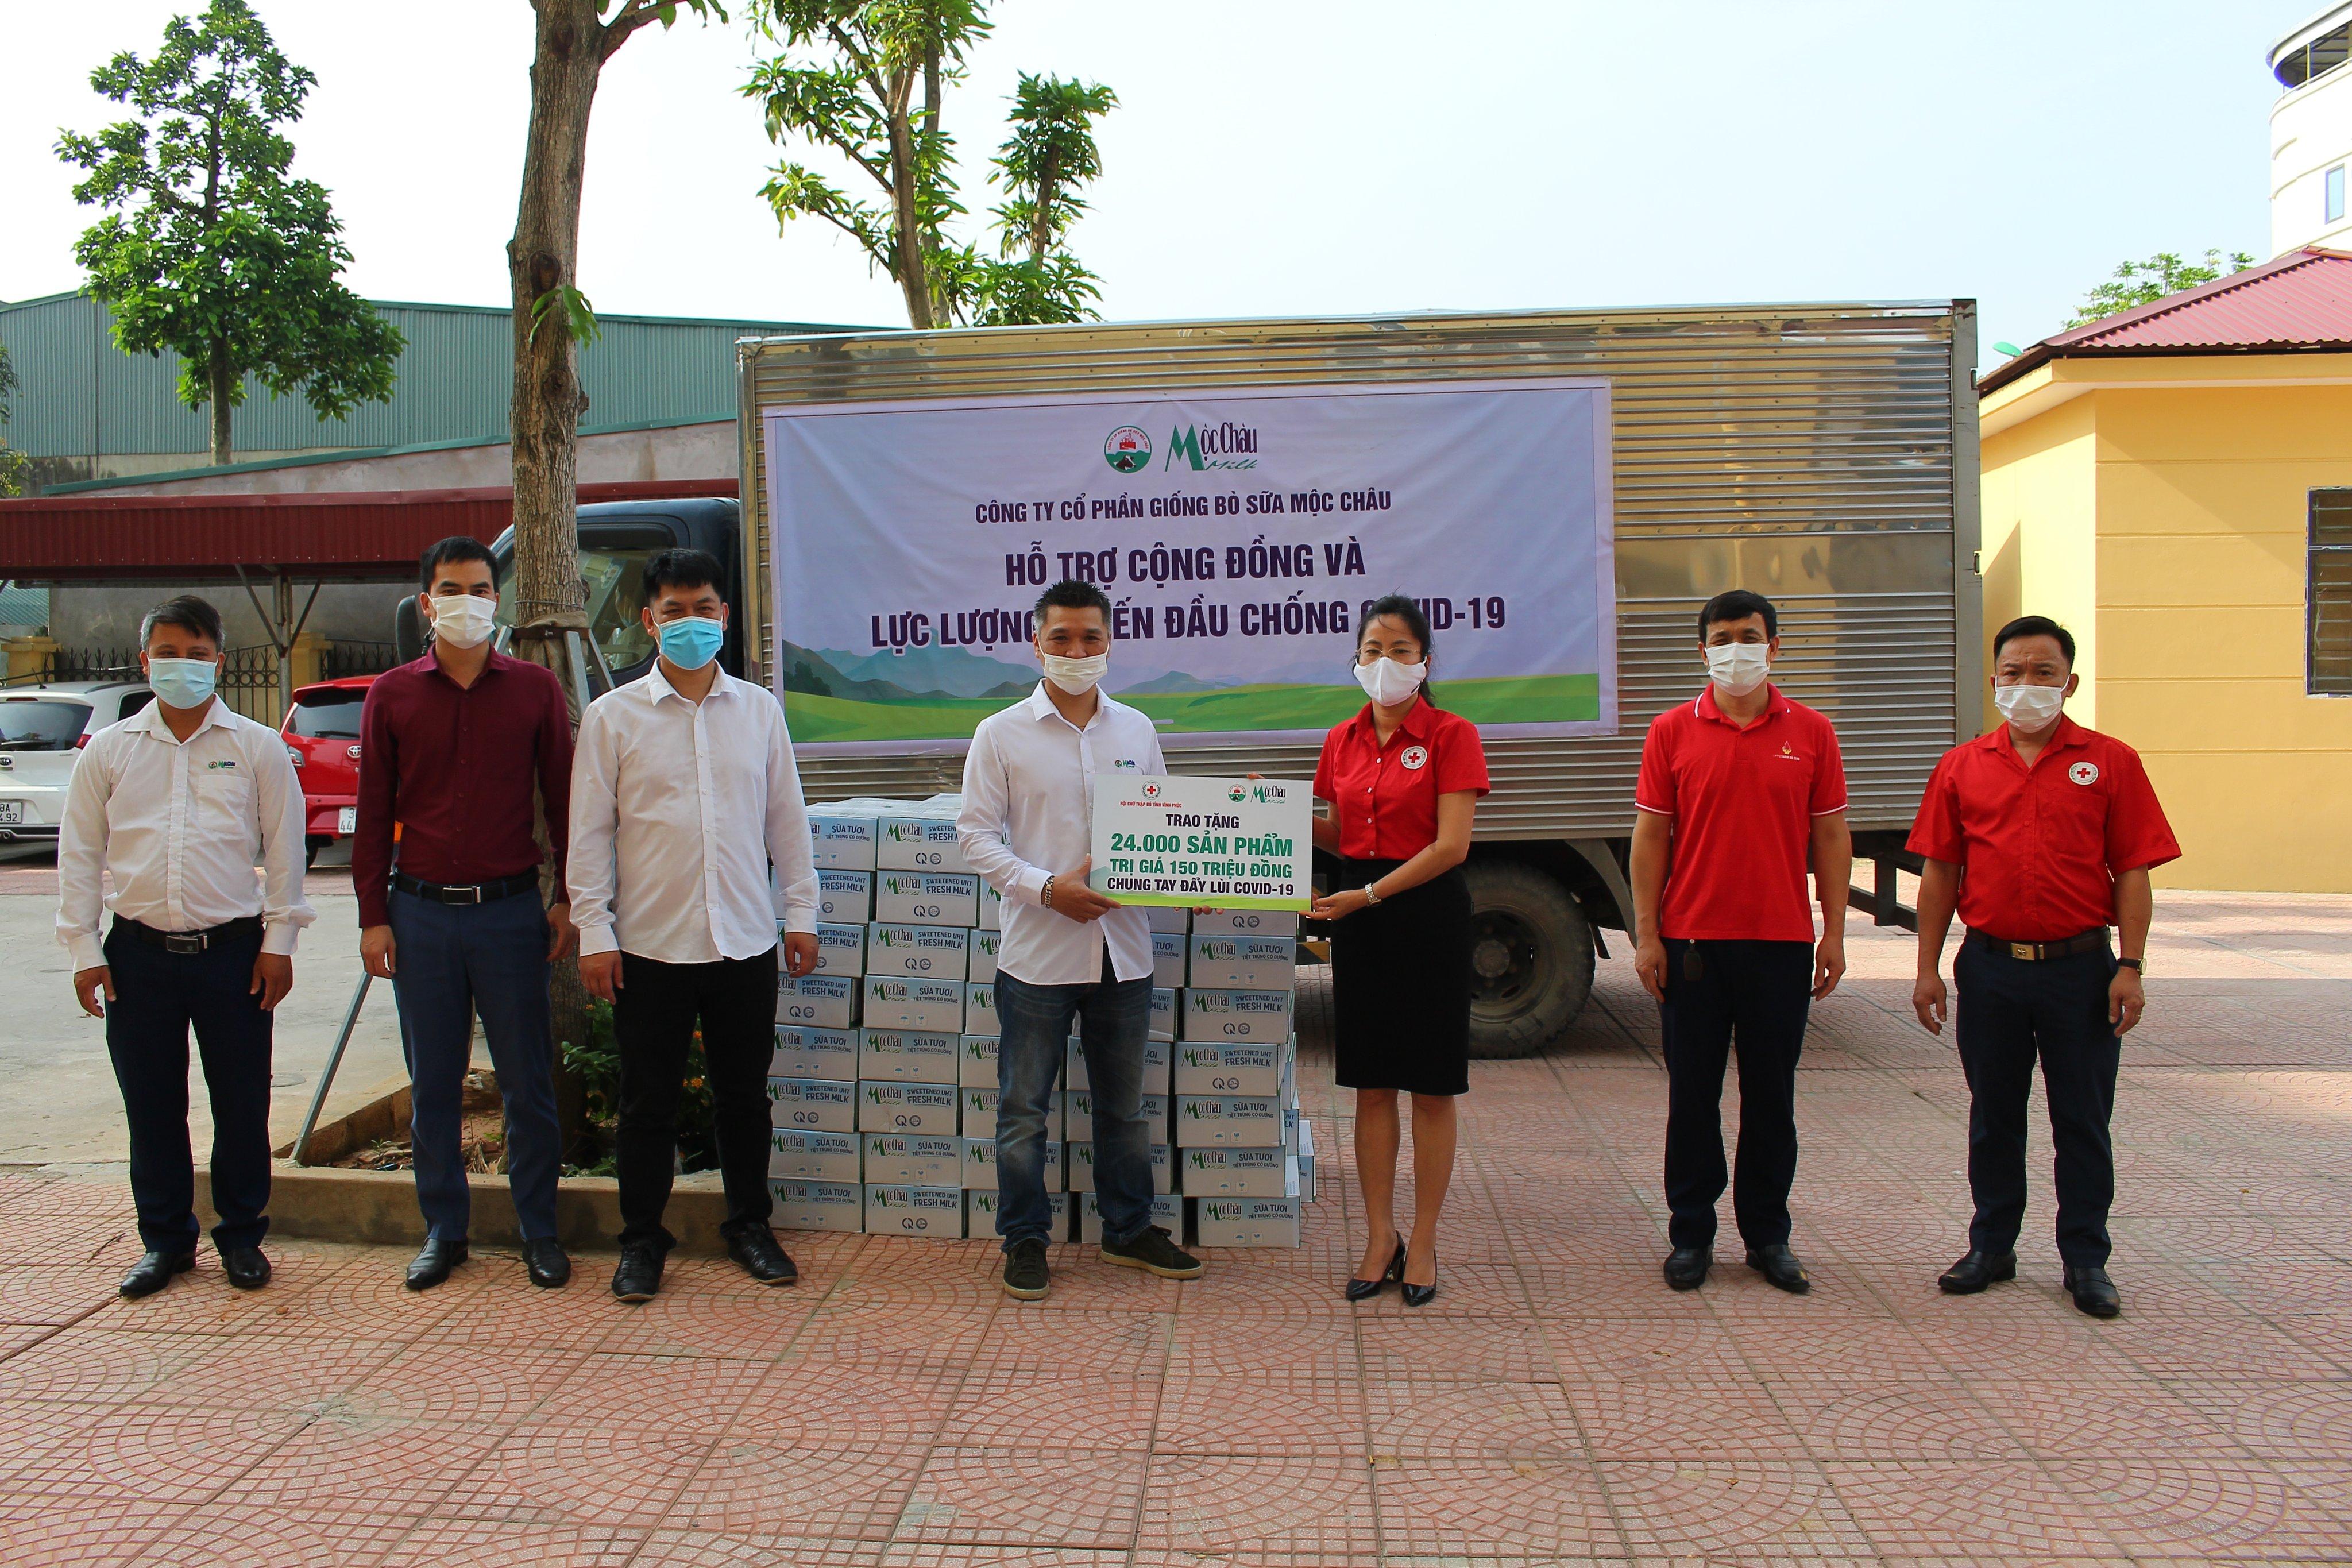 Mộc Châu Milk hỗ trợ hơn 50.000 sản phẩm sữa cho lực lượng tuyến đầu và người dân nơi tâm dịch Covid-19 5